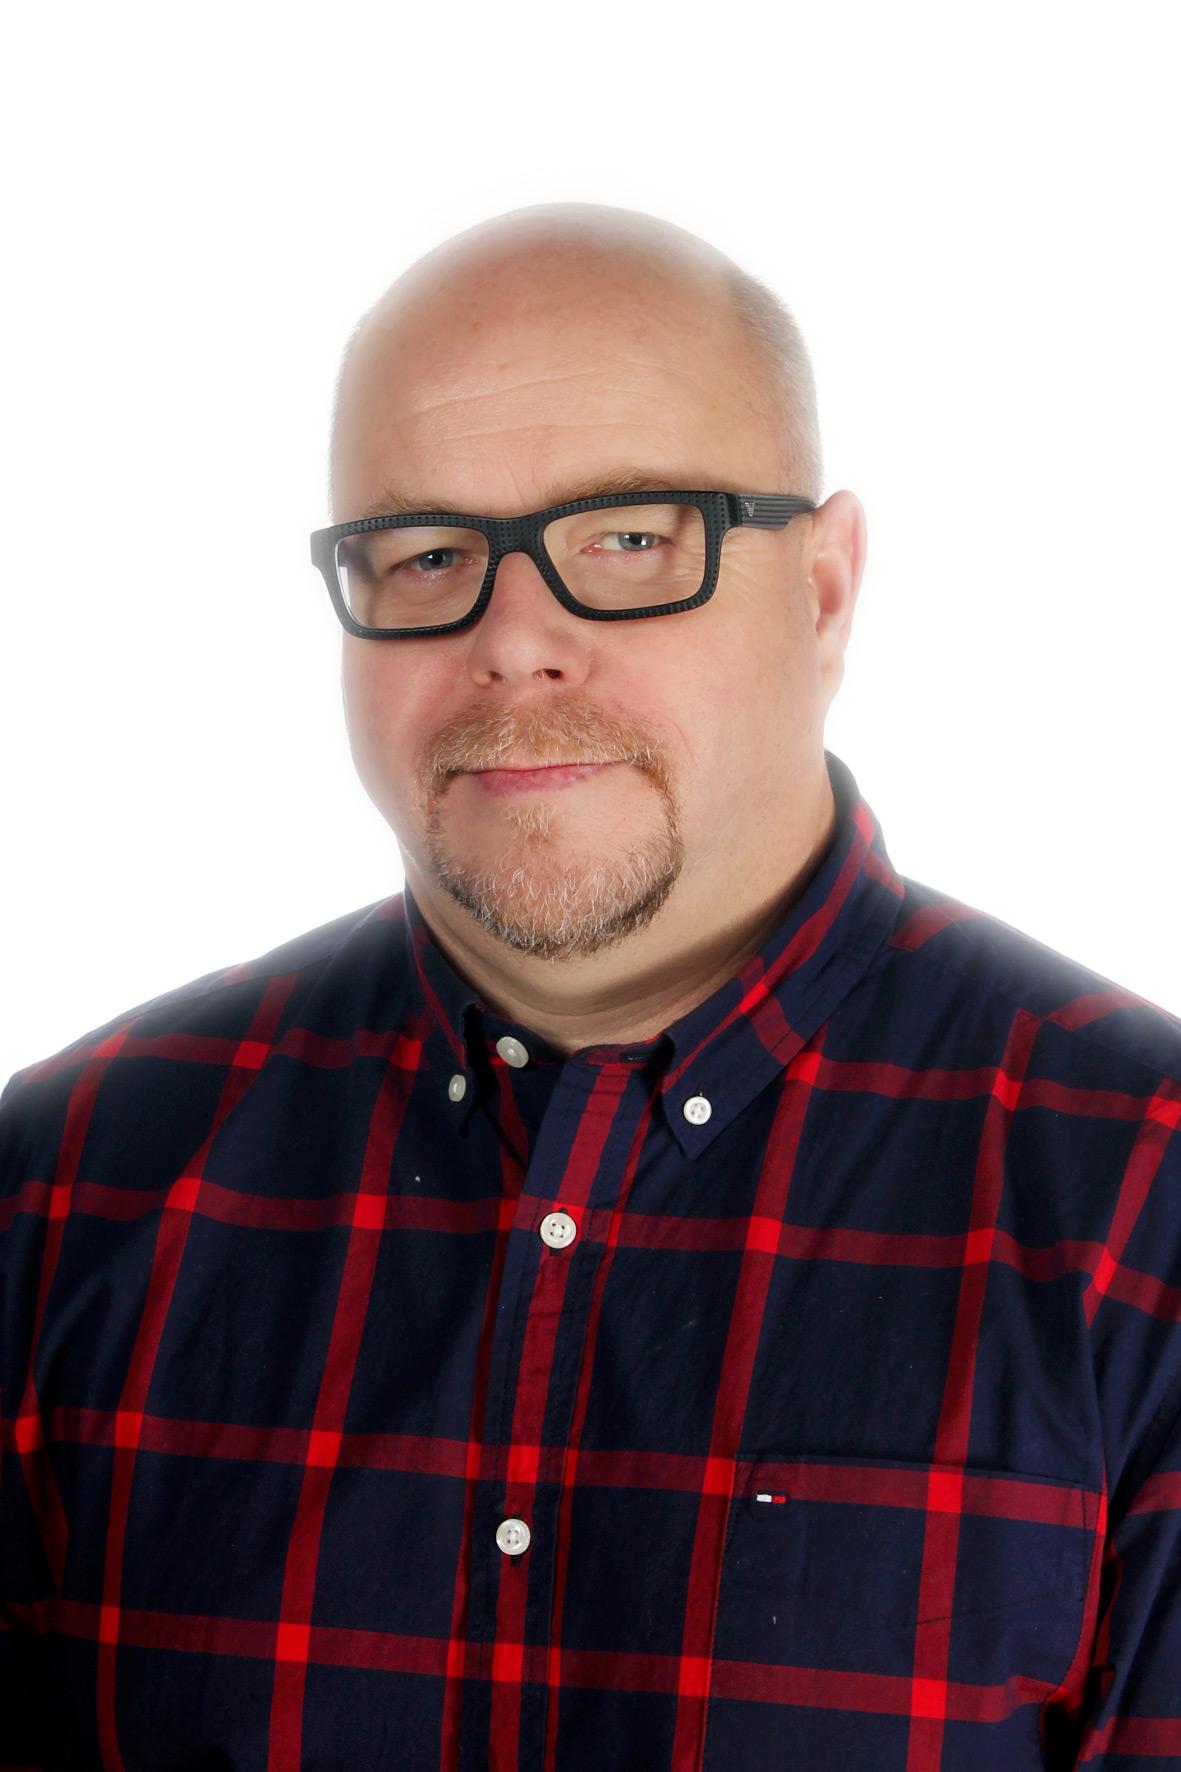 Viherpalvelut Hyvönen, Toimitusjohtaja Timo Hyvönen